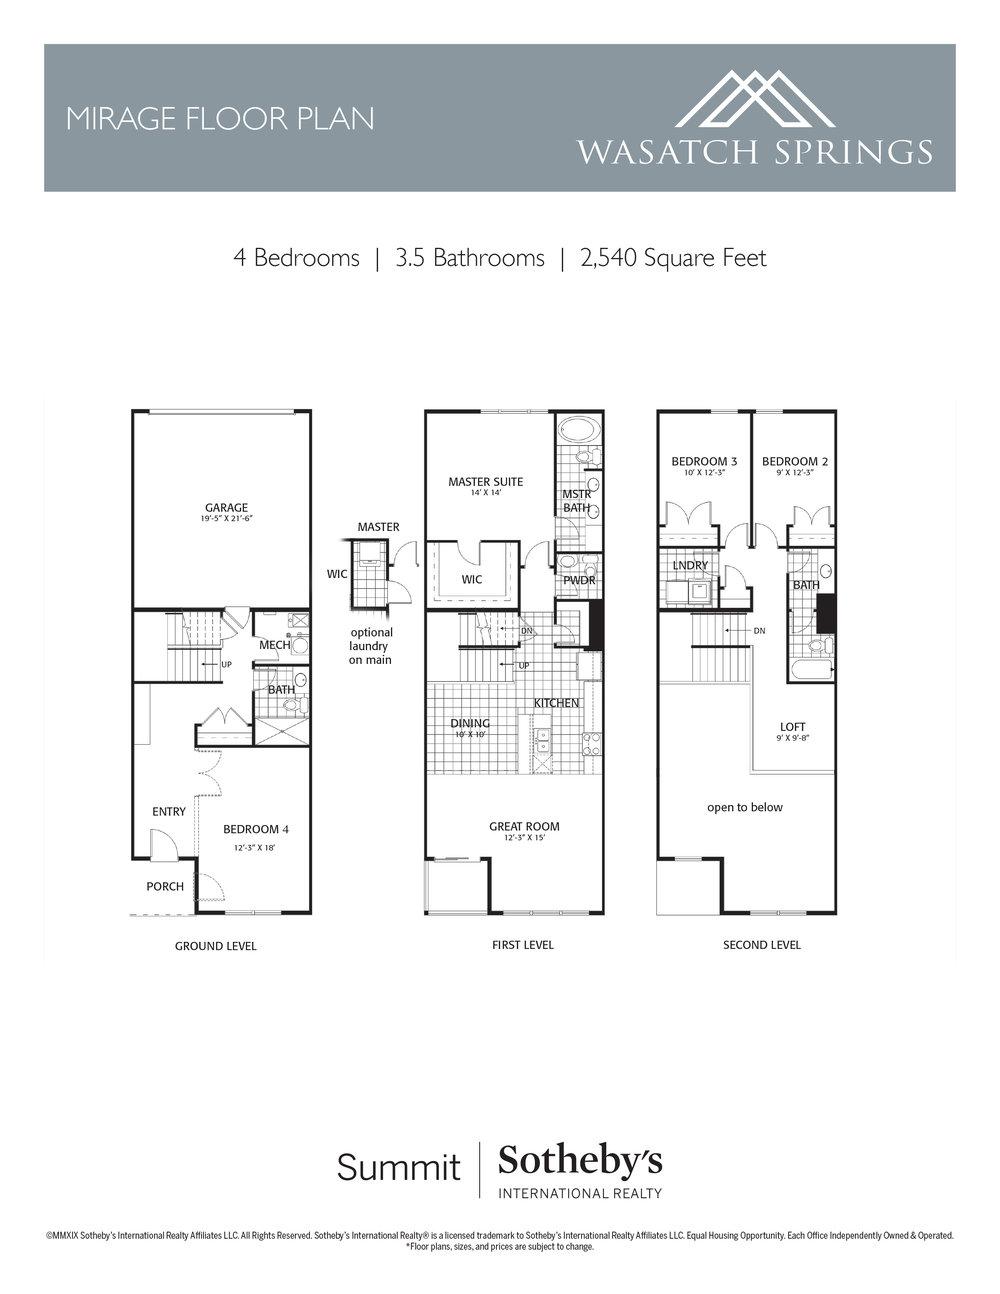 Mirage Floor Plan.jpg